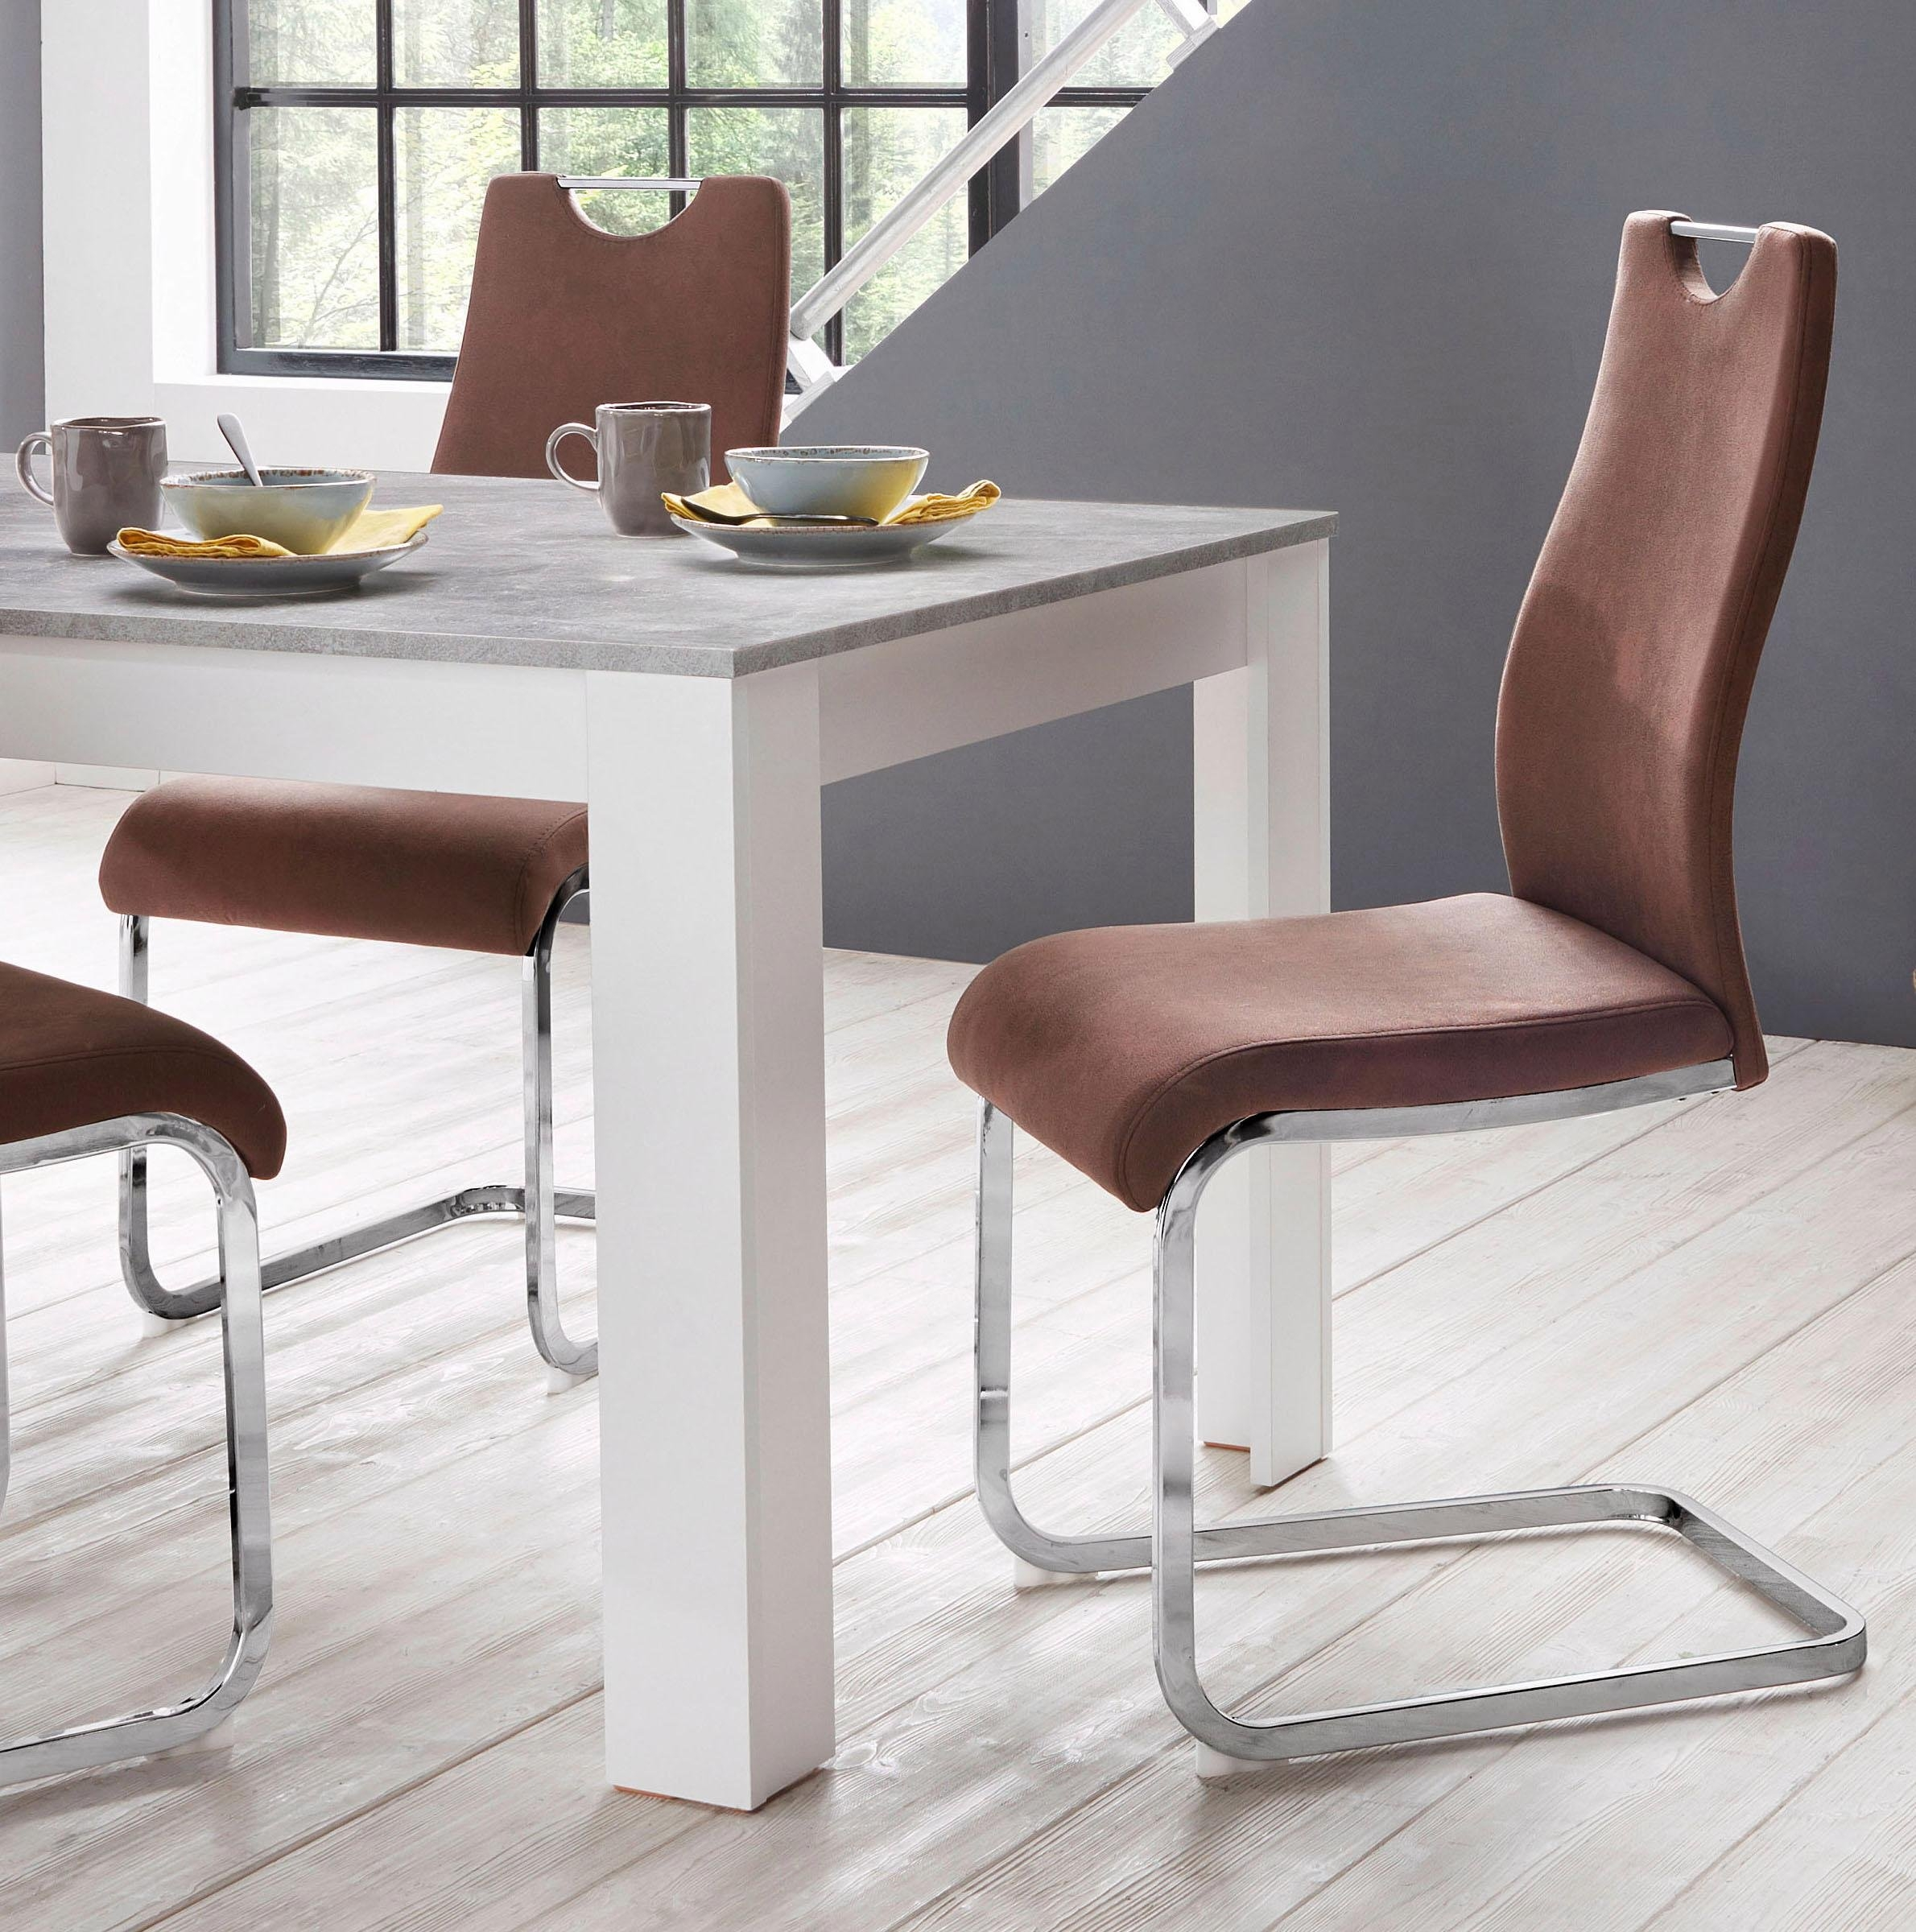 Homexperts vrijdragende stoel »Zabona« nu online kopen bij OTTO